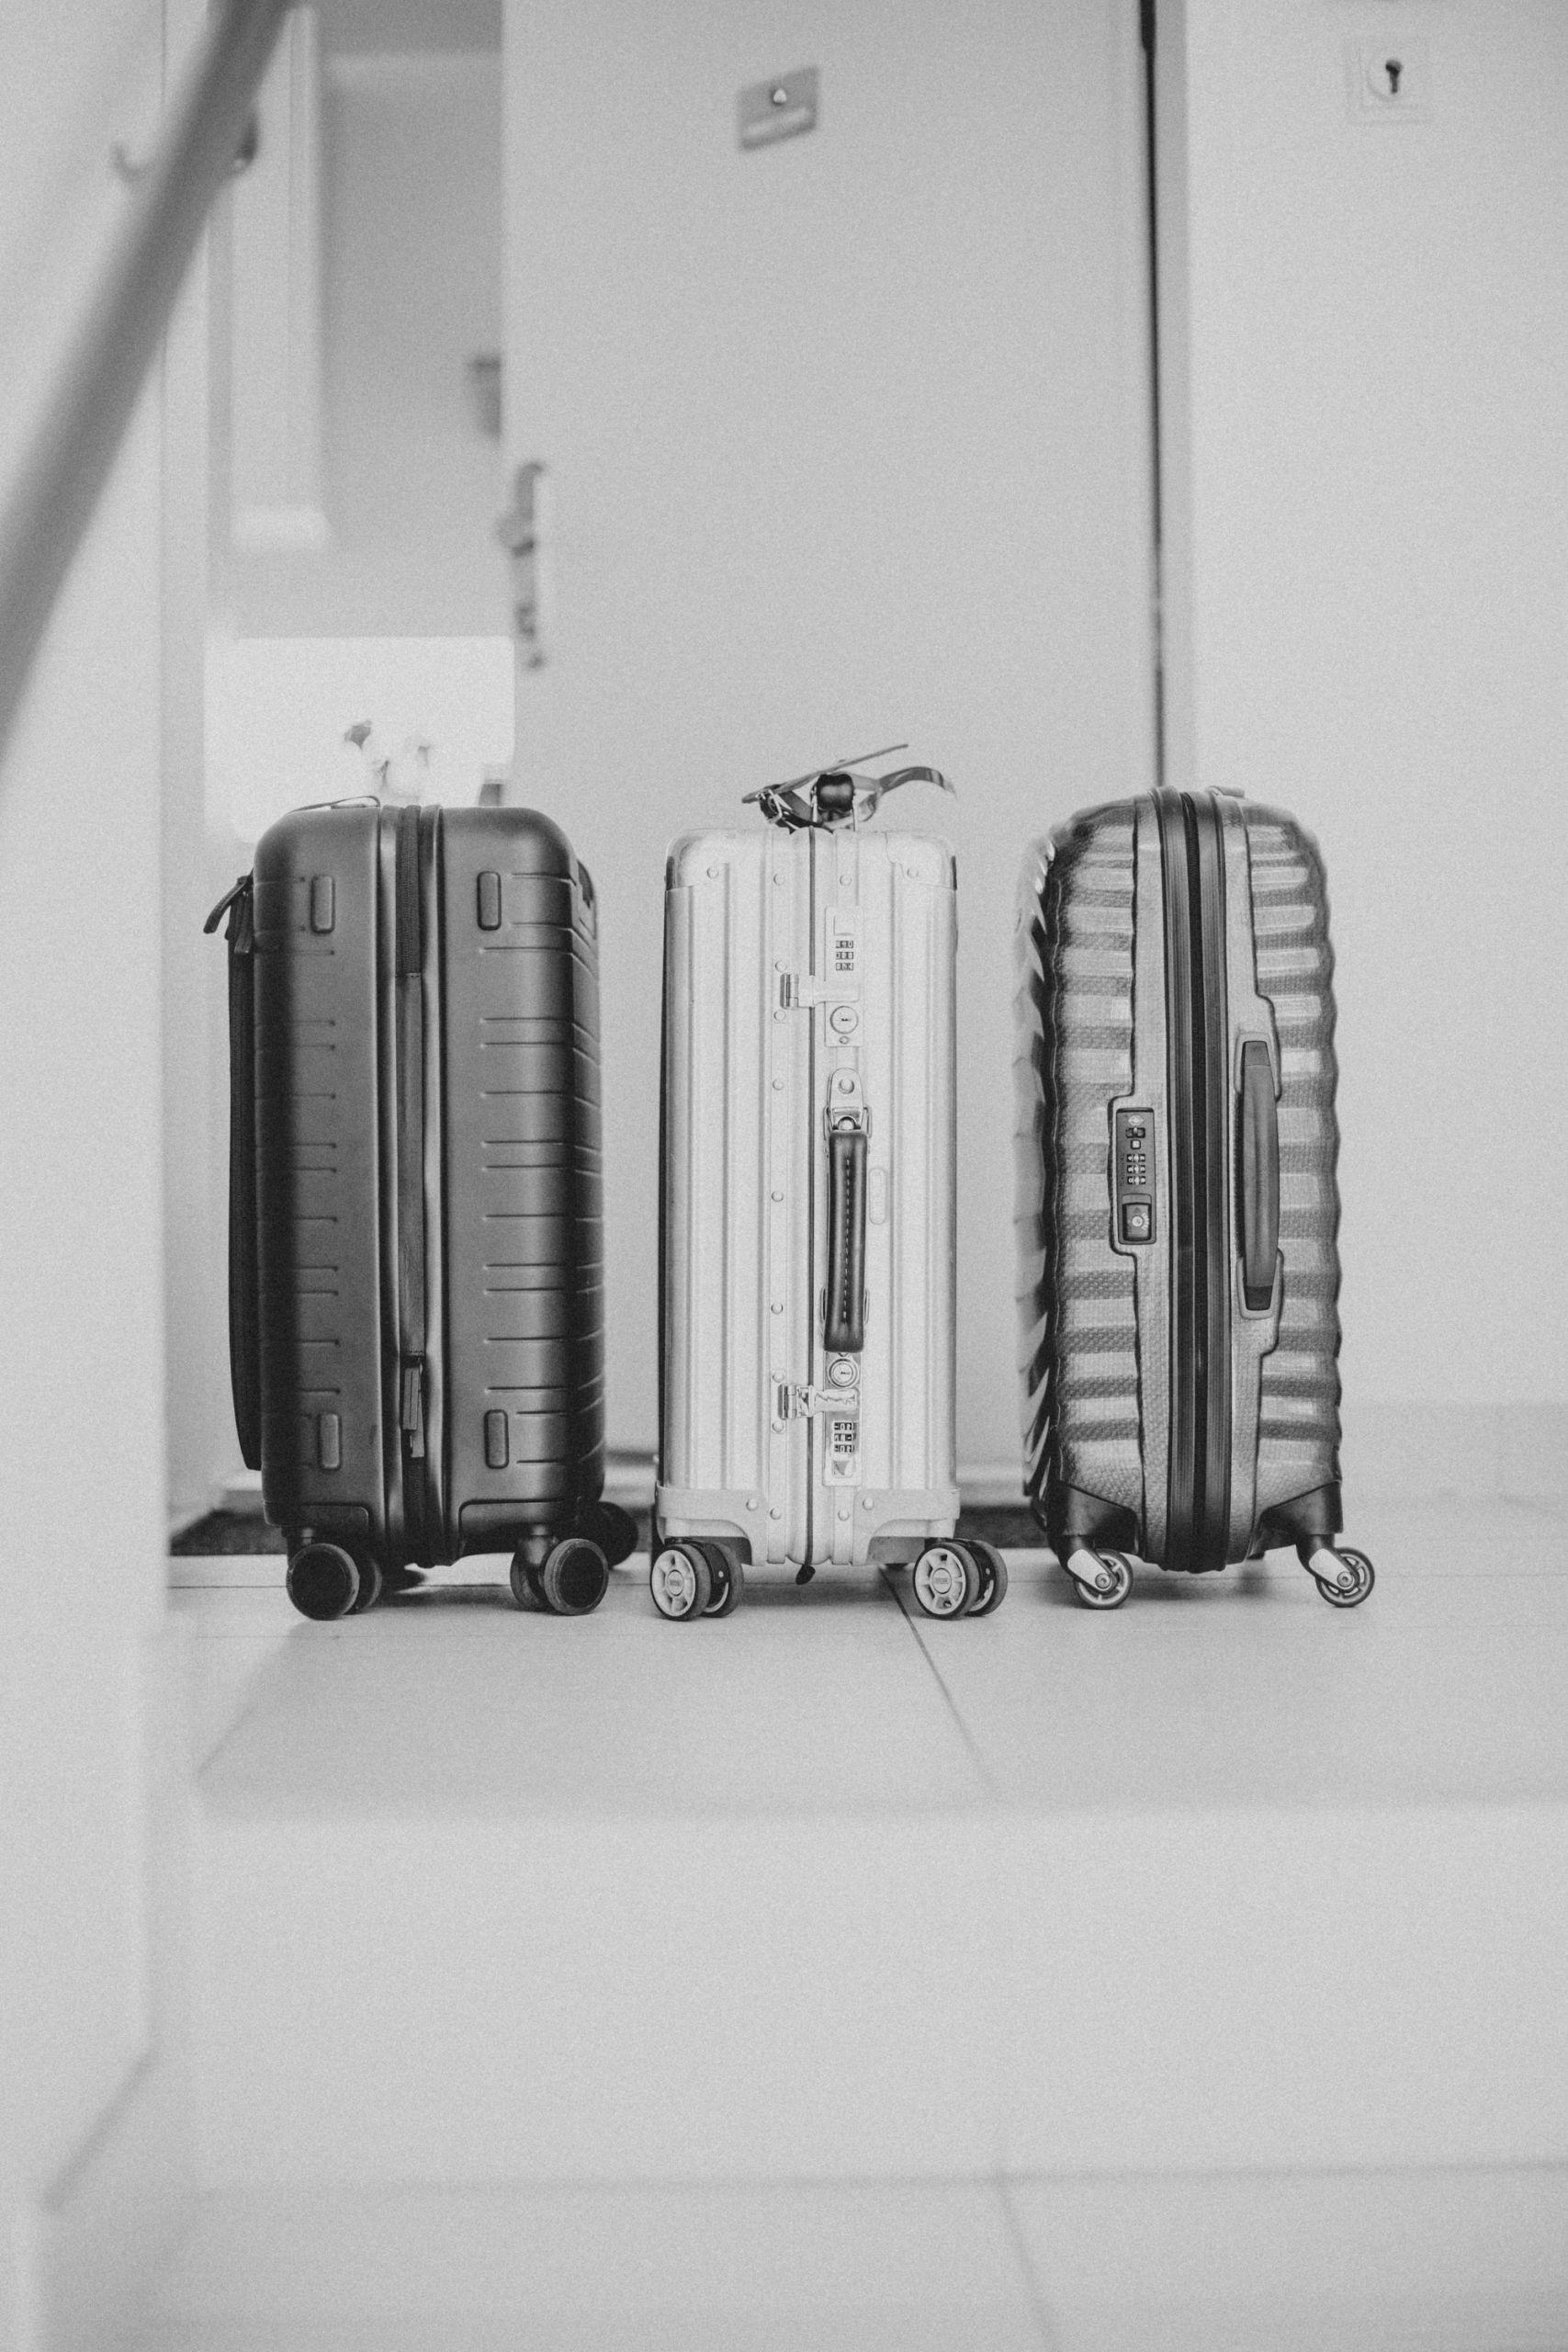 Die Besten Trolleys Für Das Handgepäck | The Daily Dose